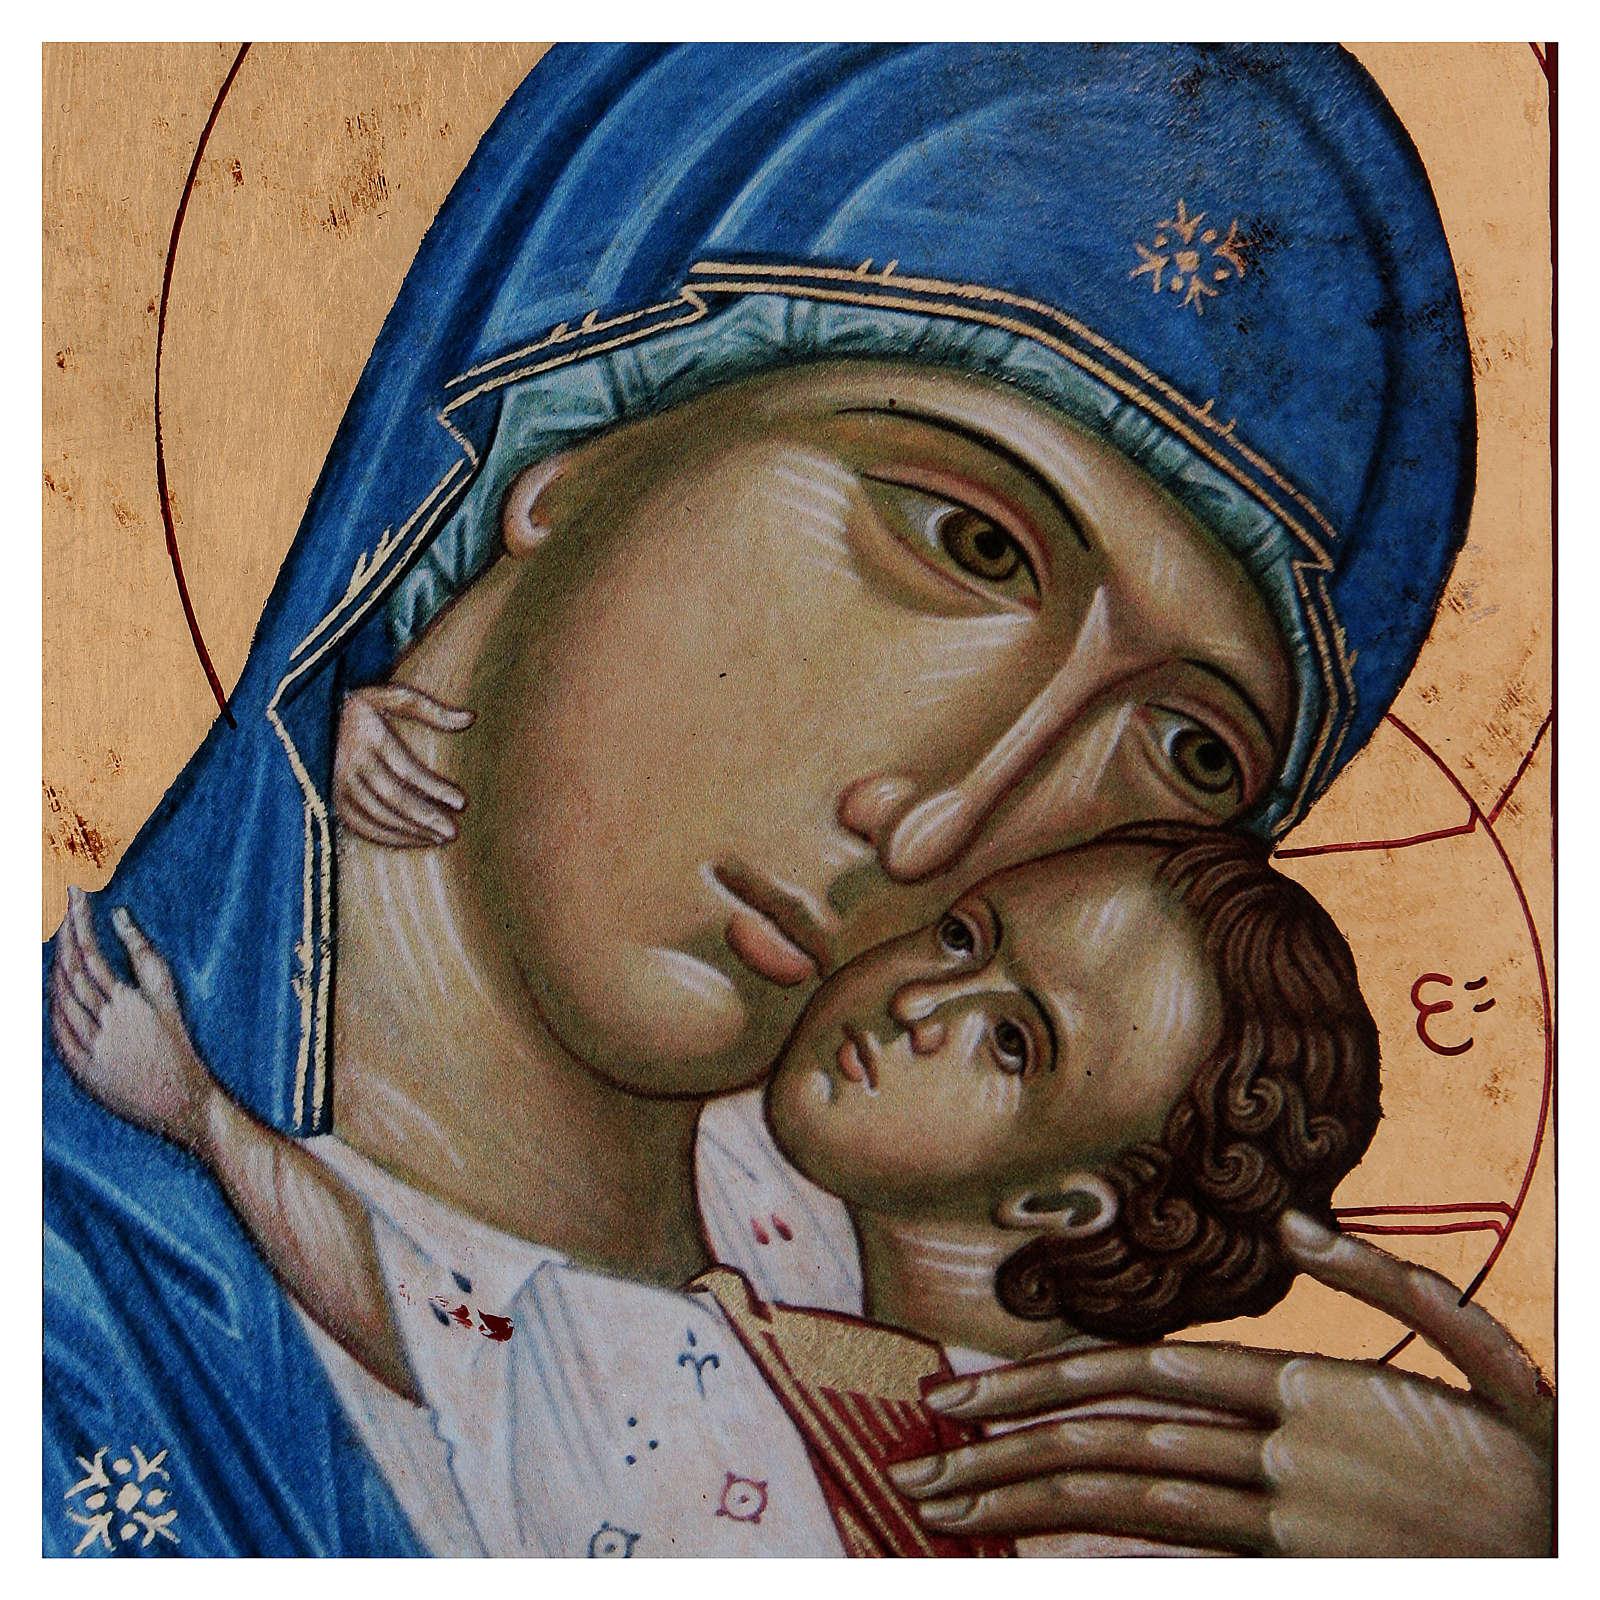 Icona Volto Madonna Tenerezza Bambino Greca in legno 24x18 cm serigrafata 4